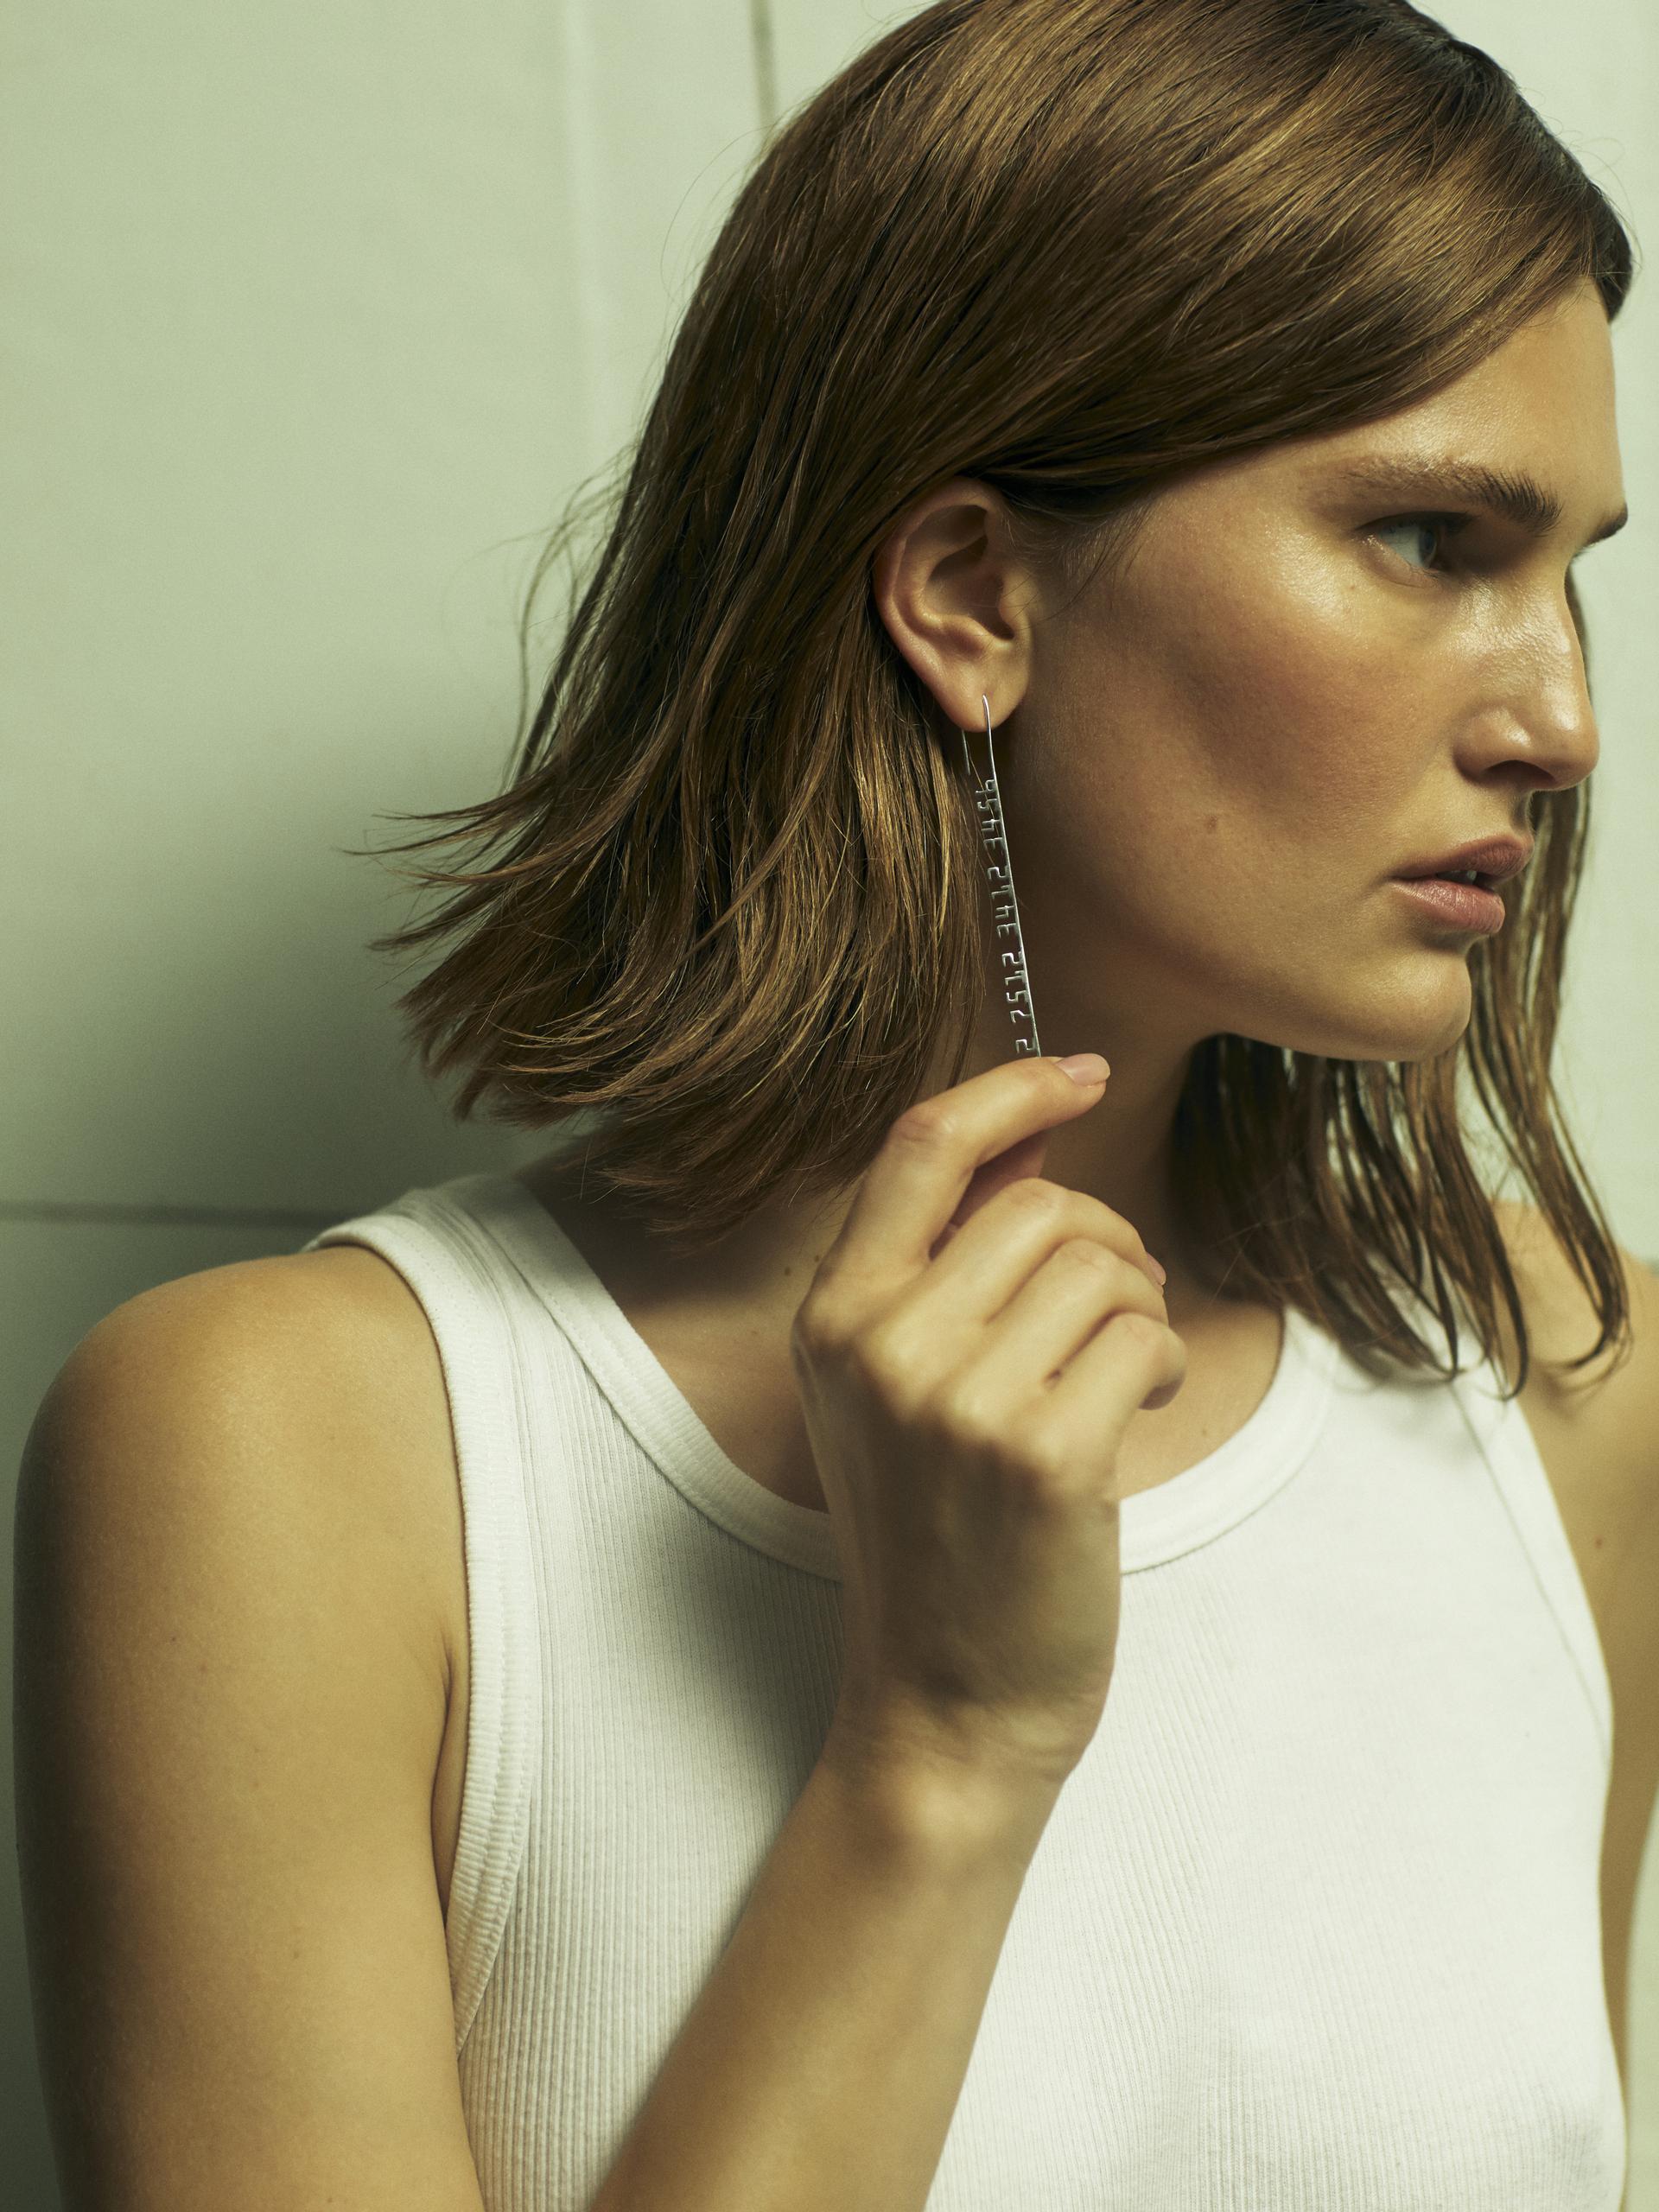 Mastercard і BEVZA представили капсульну колекцію одягу та аксесуарів-Фото 1